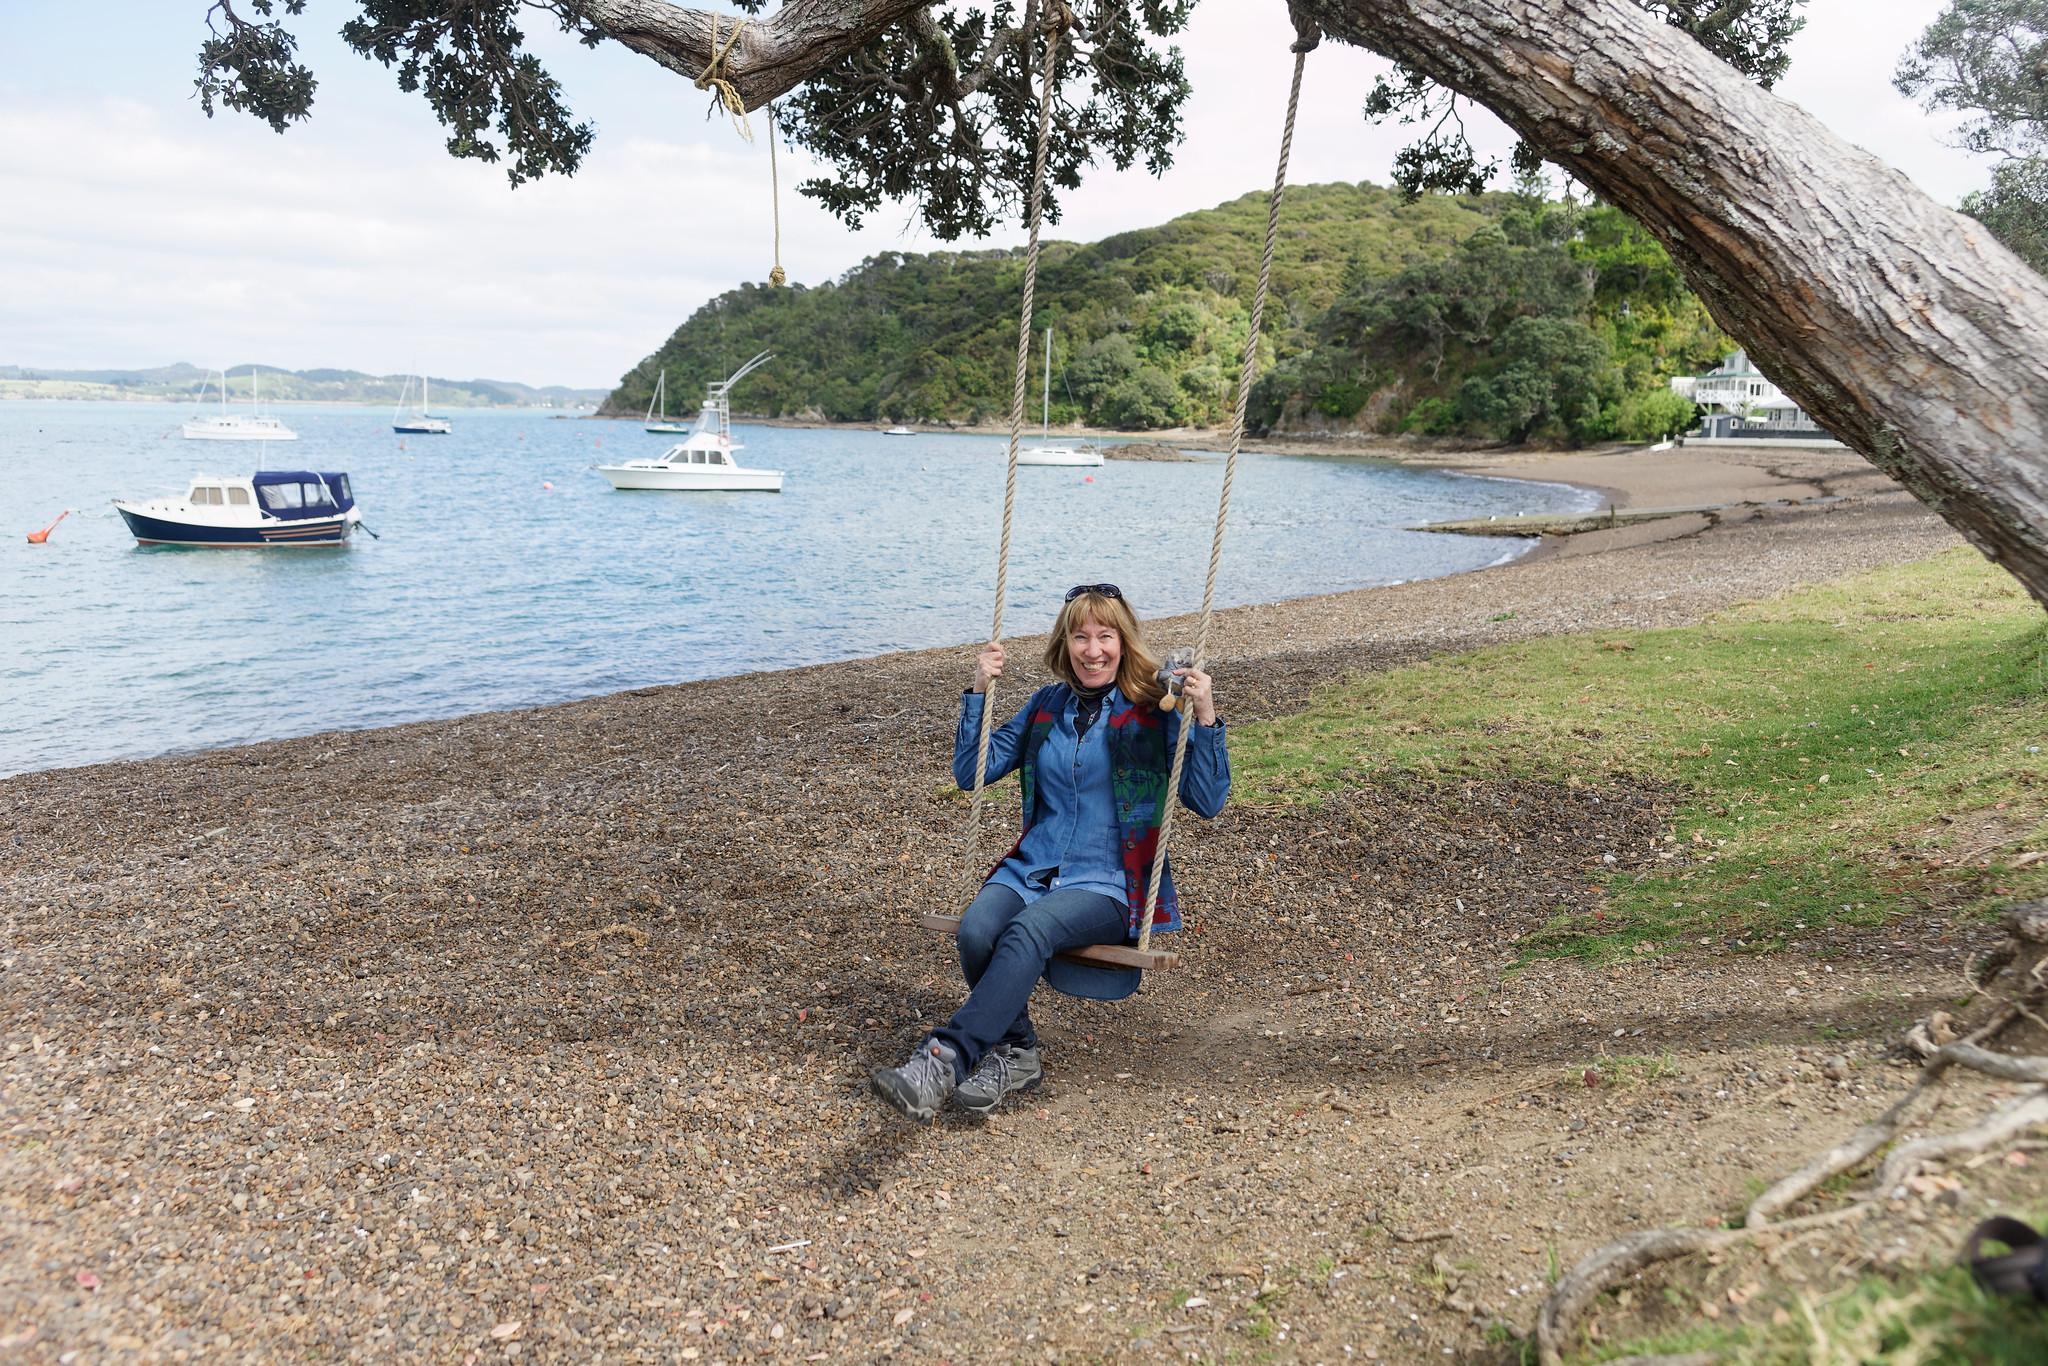 Tree Swing in Russell, New Zealand